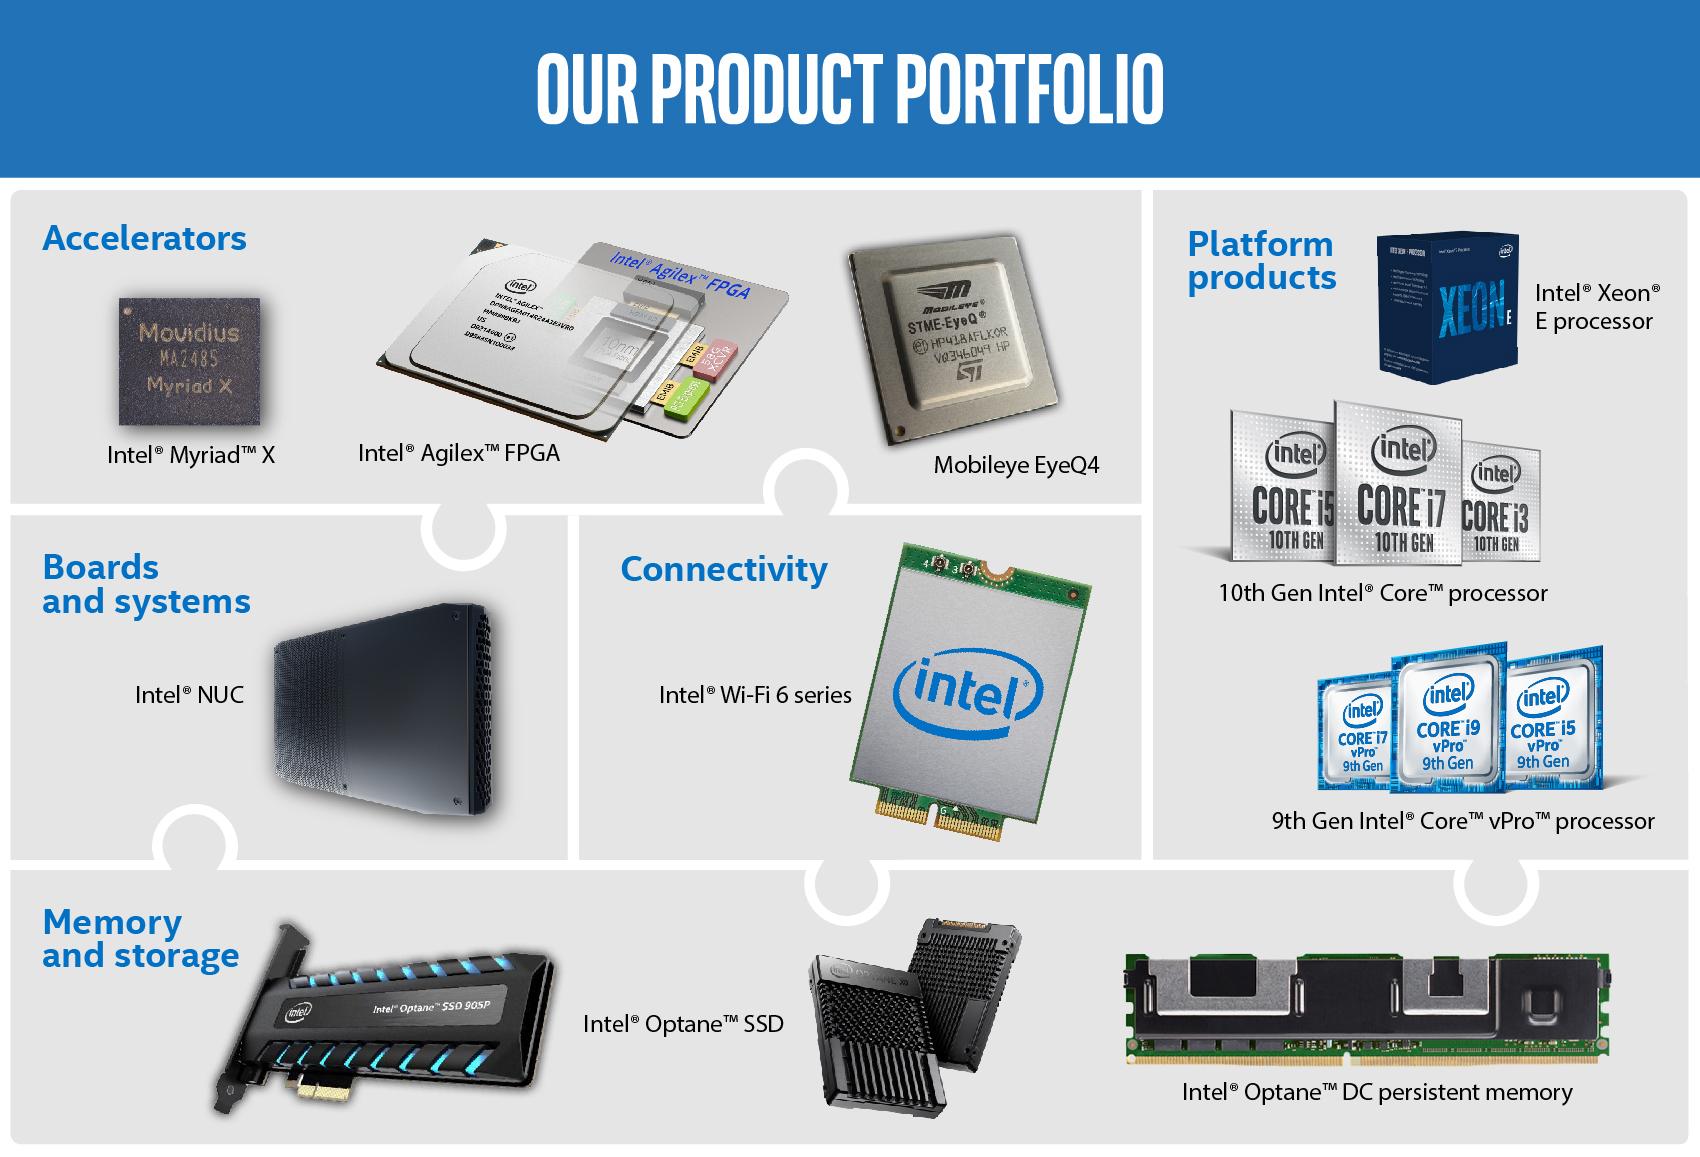 Produtos da INTEL CORP - Análises às ações da INTC (NASDAQ)